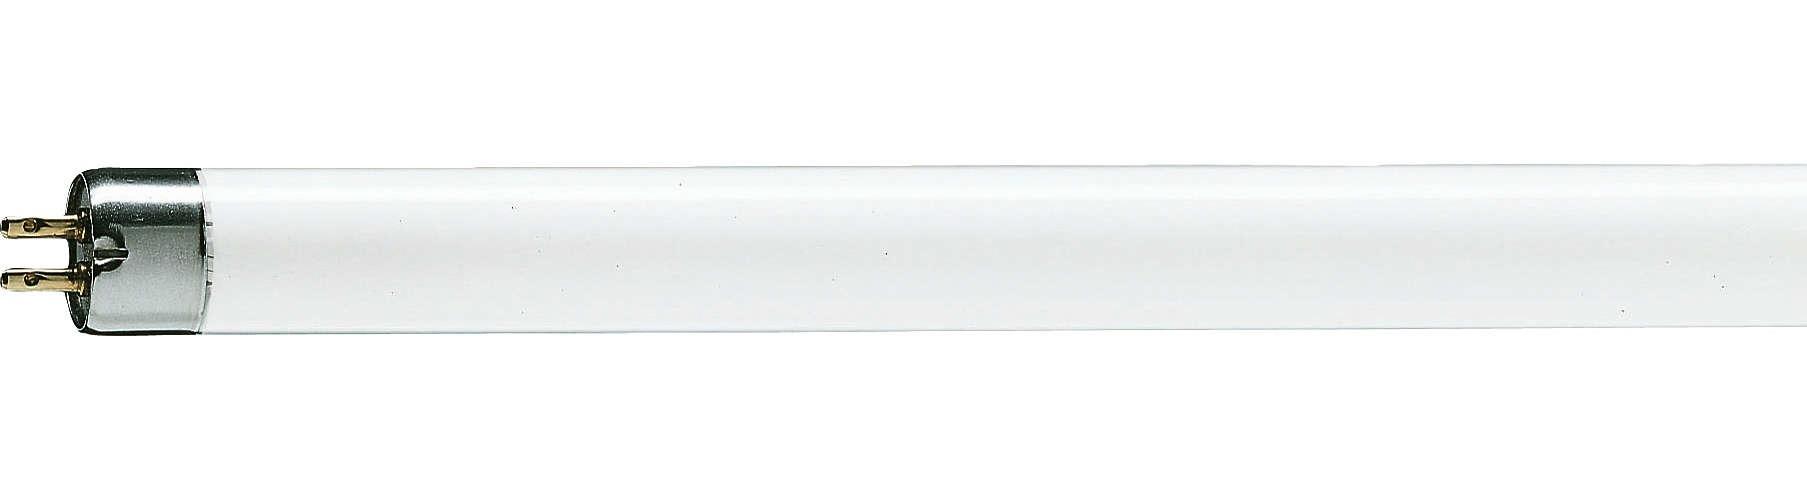 Op Perfect LCD is alles over wonen te vinden: waaronder expert en specifiek Philips TL mini buis 8W 16mm 30cm kleur 827 (Philips-TL-mini-buis-8W-16mm-30cm-kleur-827372500983)